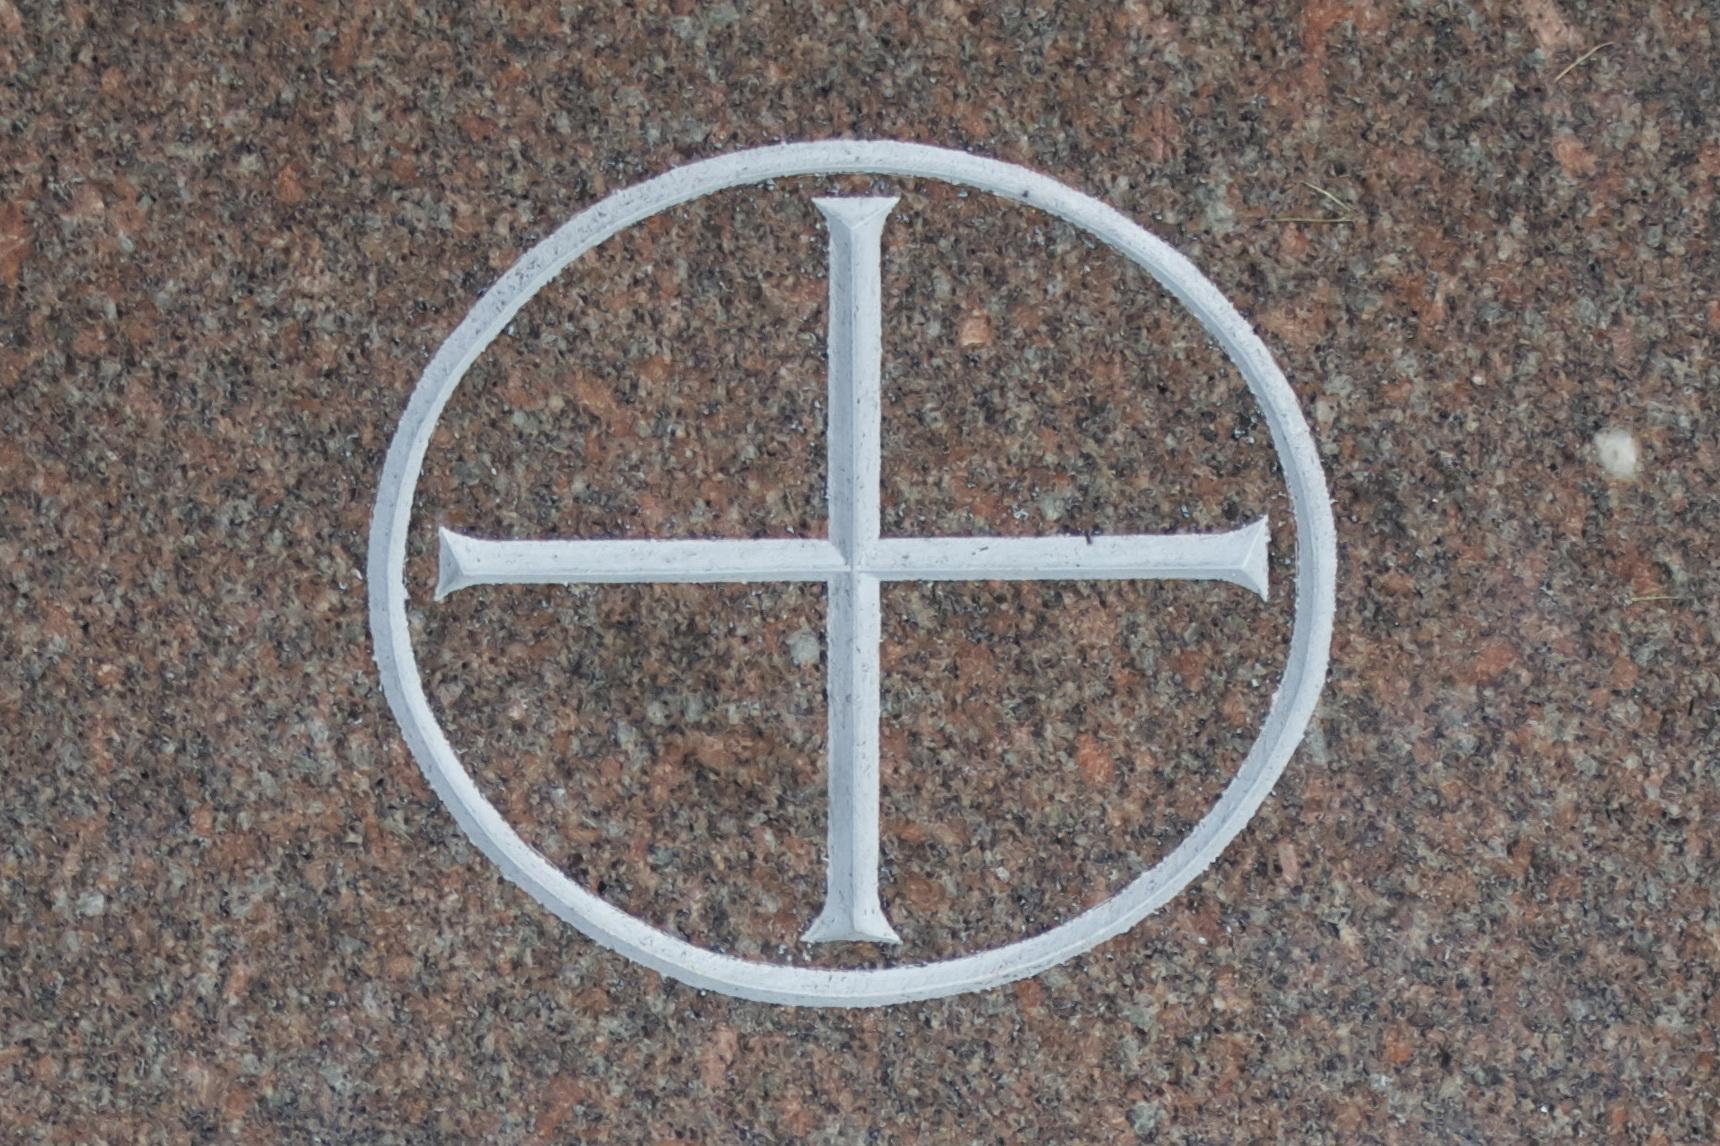 Kreuz mit Kreisscheibe als Symbol der Erde als Gottes Schöpfung.